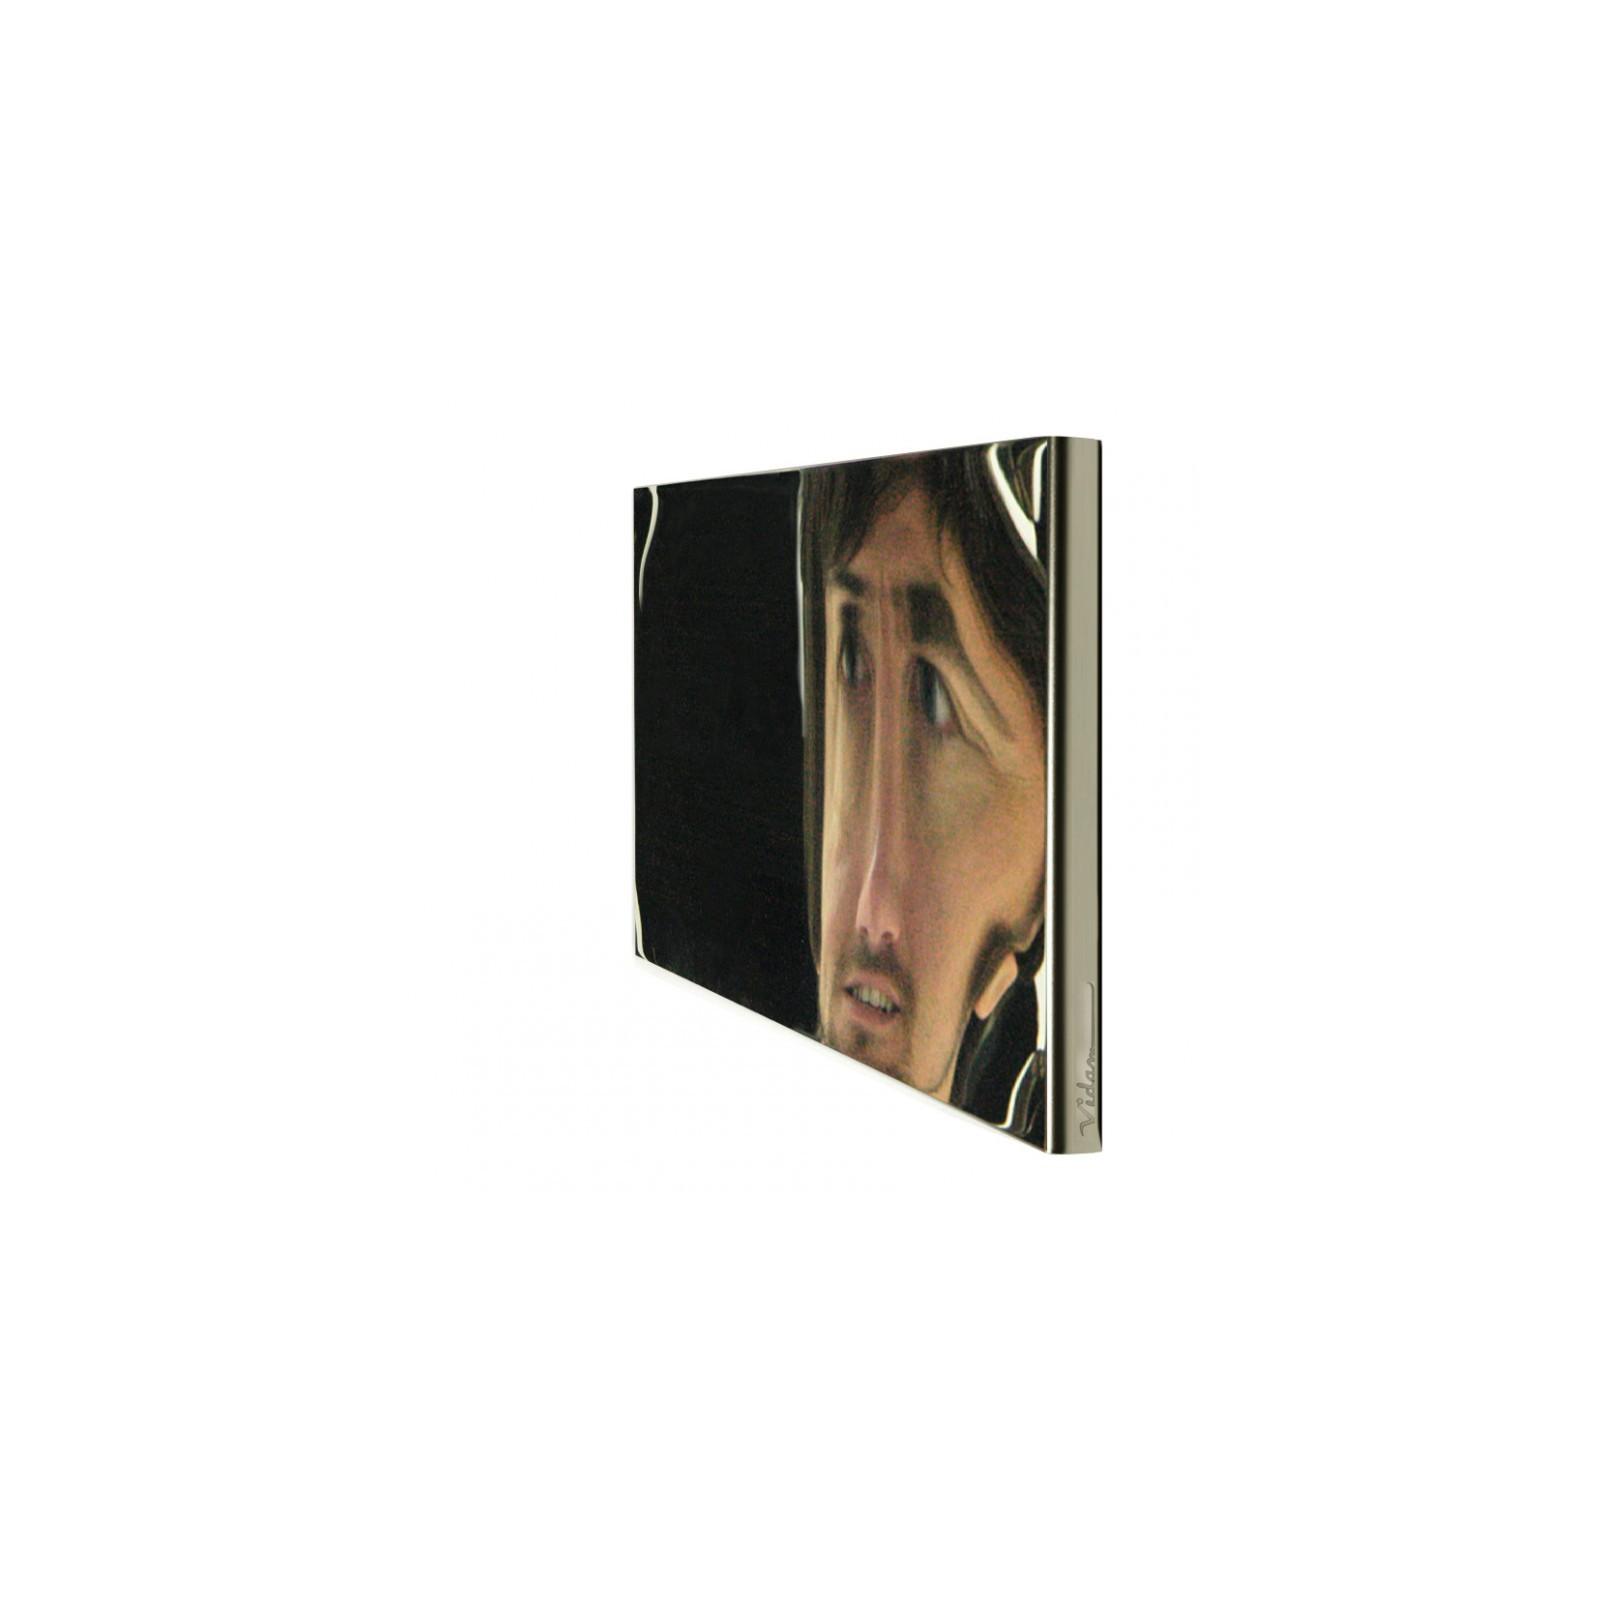 Miroir d formant carr arne concept for Carre de miroir a coller